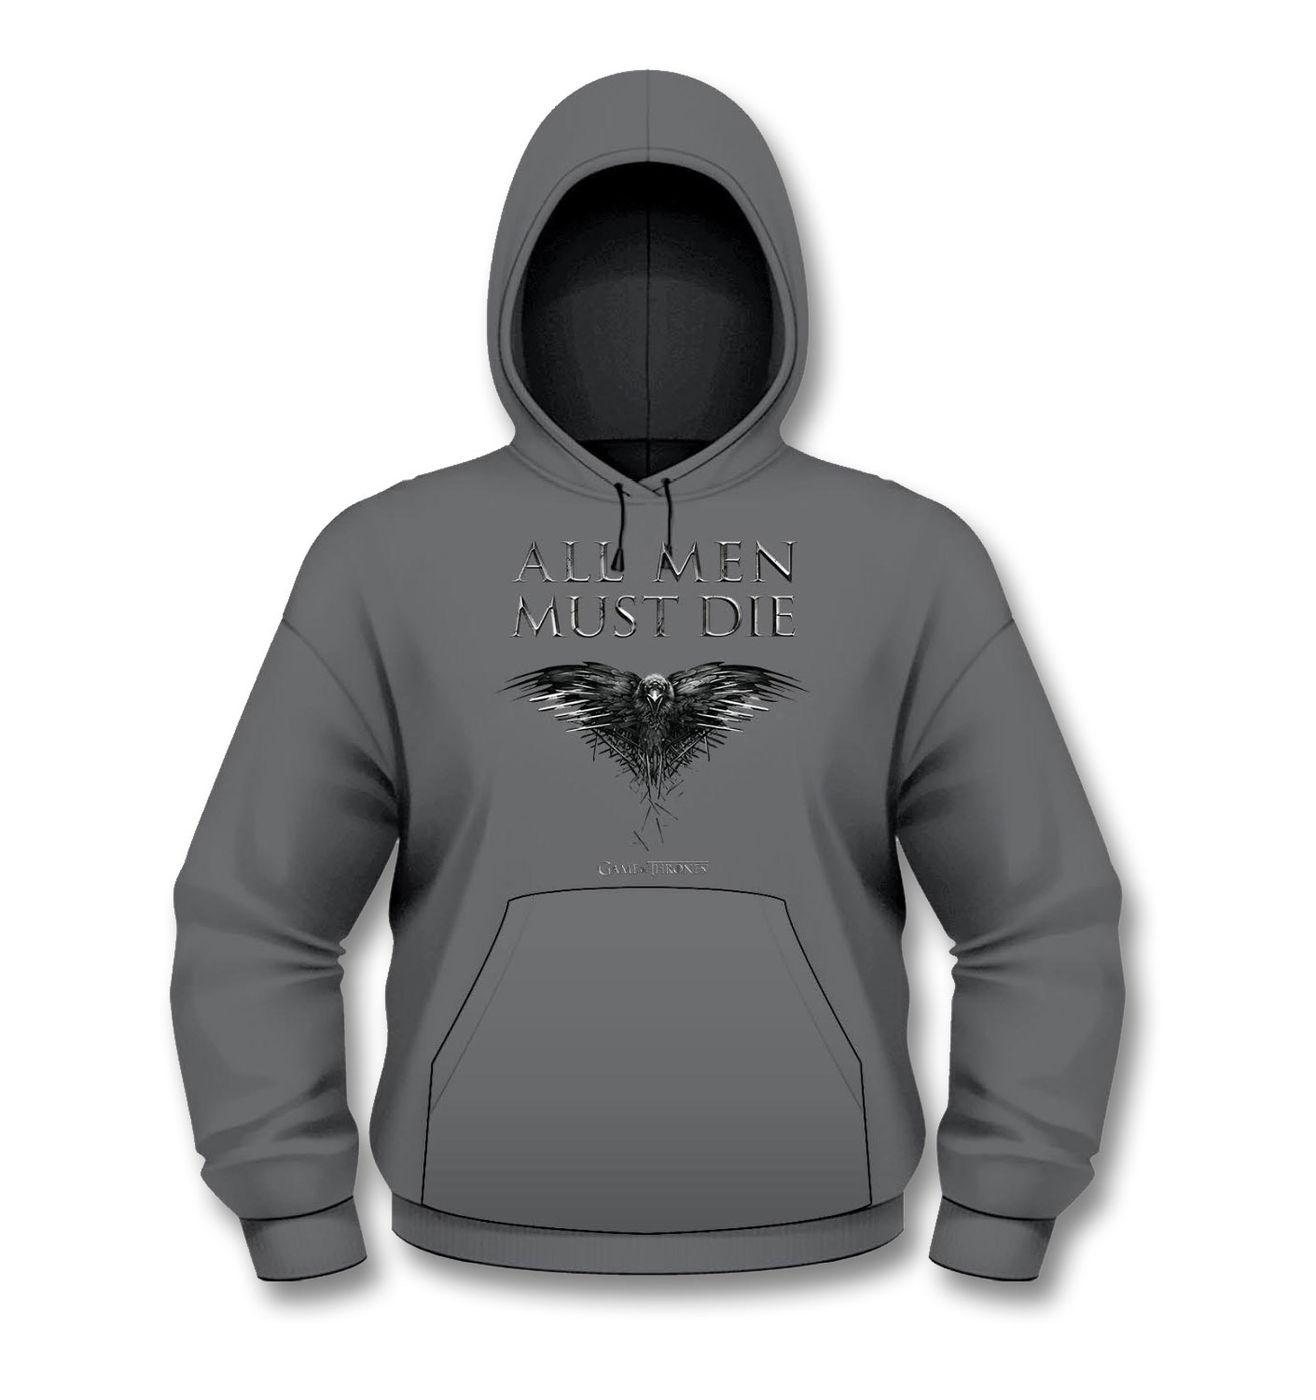 Official Game Of Thrones All Men Must Die hoodie